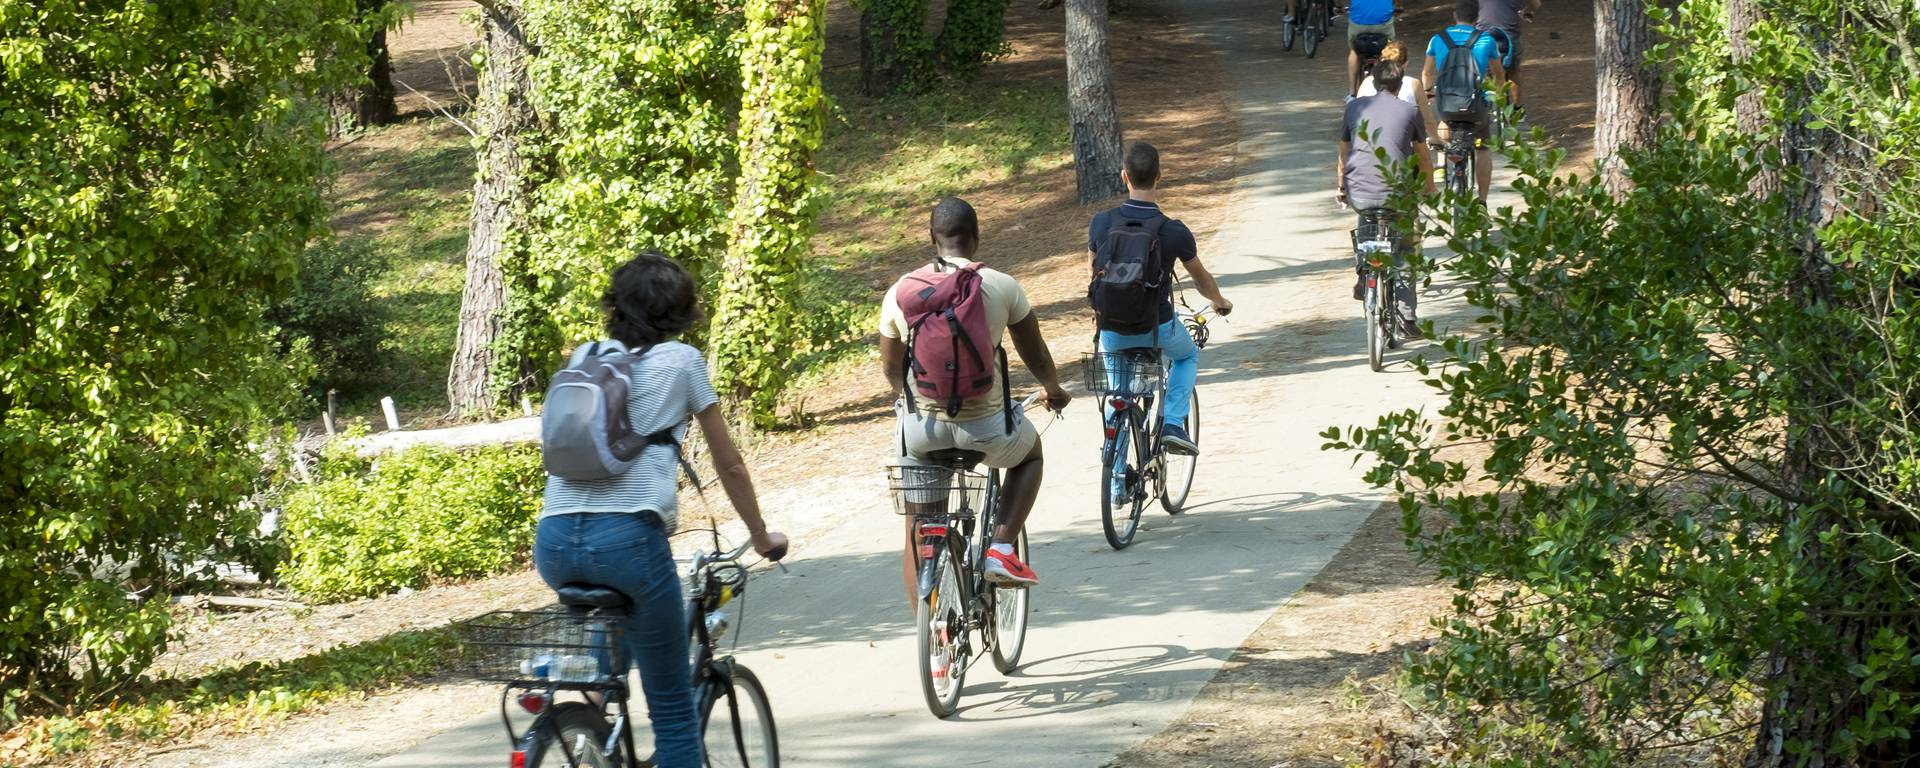 Le vélo à l'Île de Ré par Yann Werdefroy